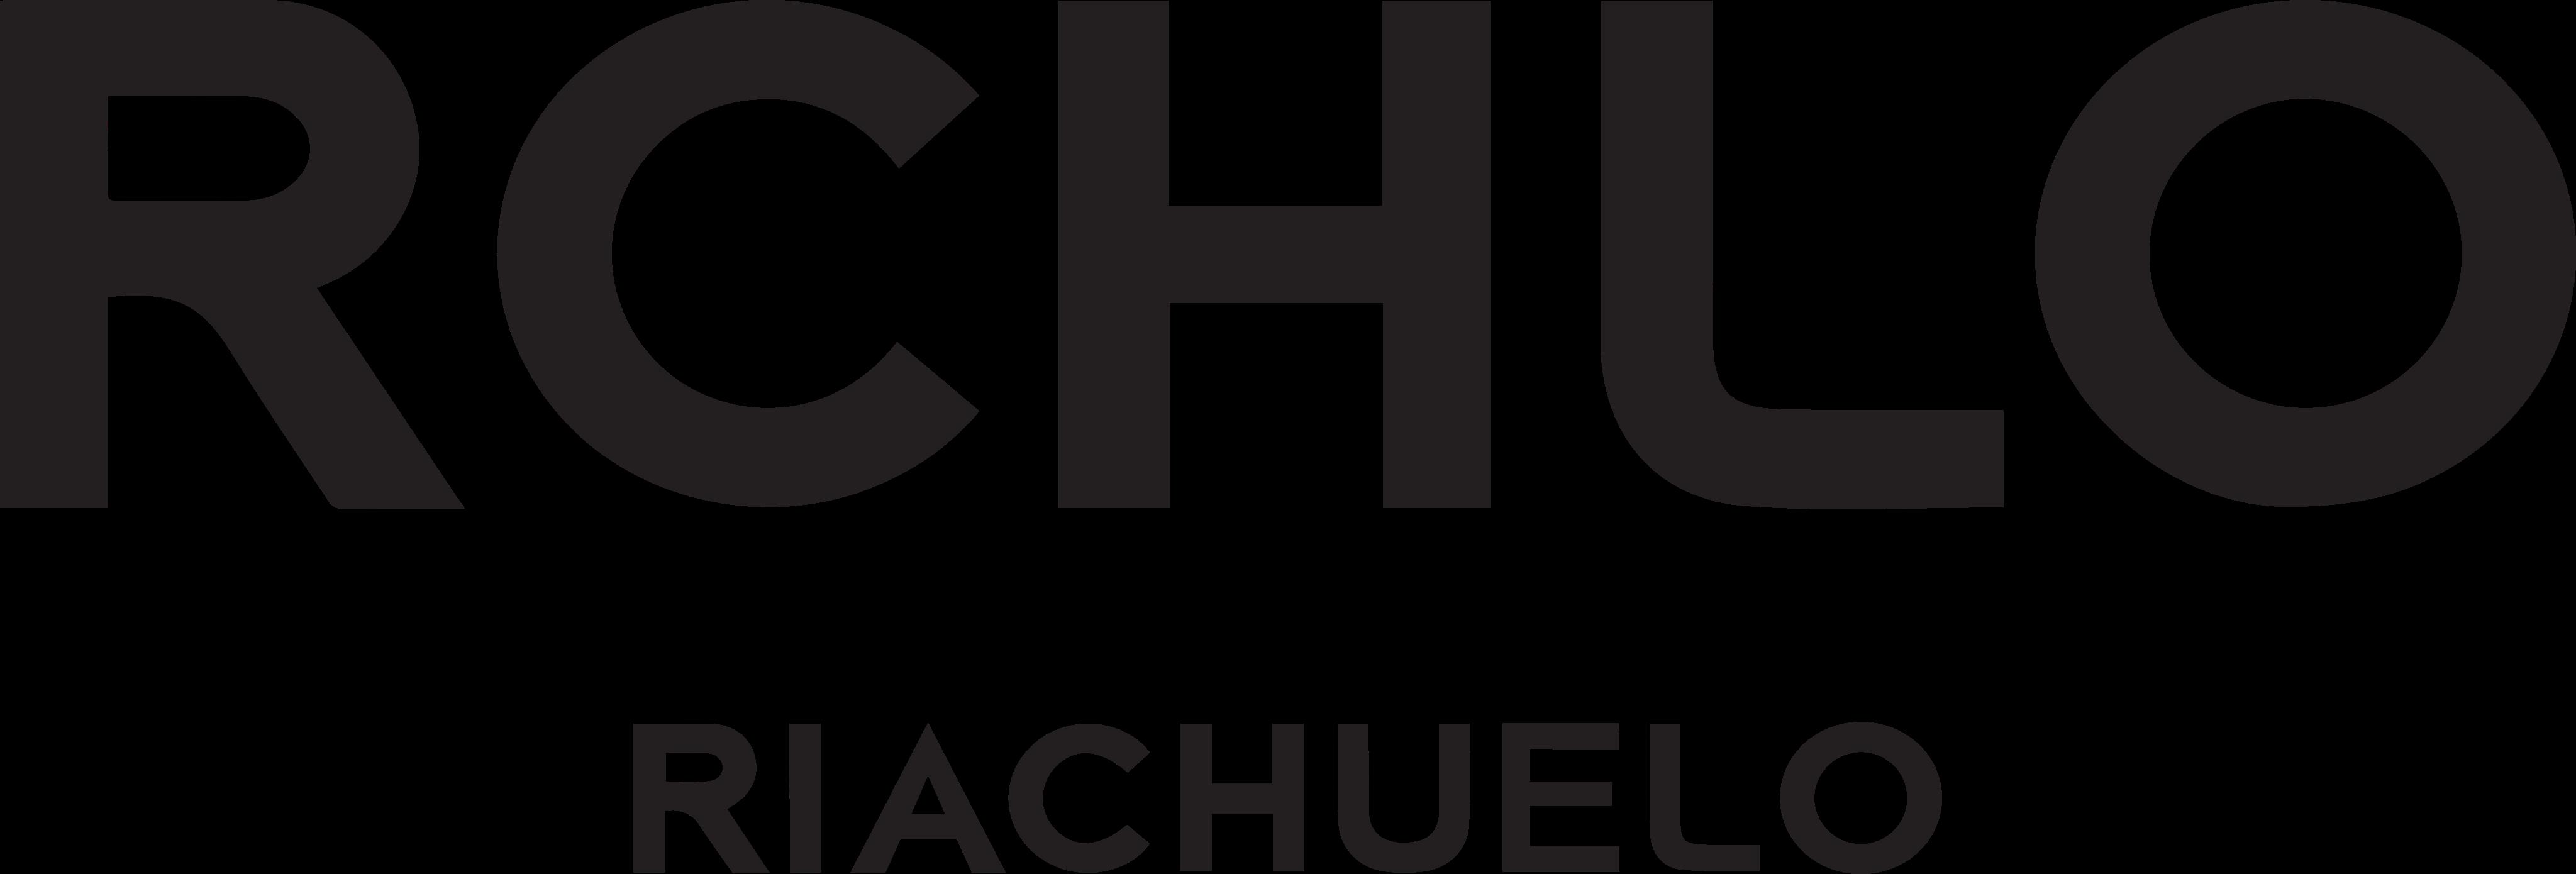 https://acessodigital.com/wp-content/uploads/2020/05/riachuelo-logo-1.png